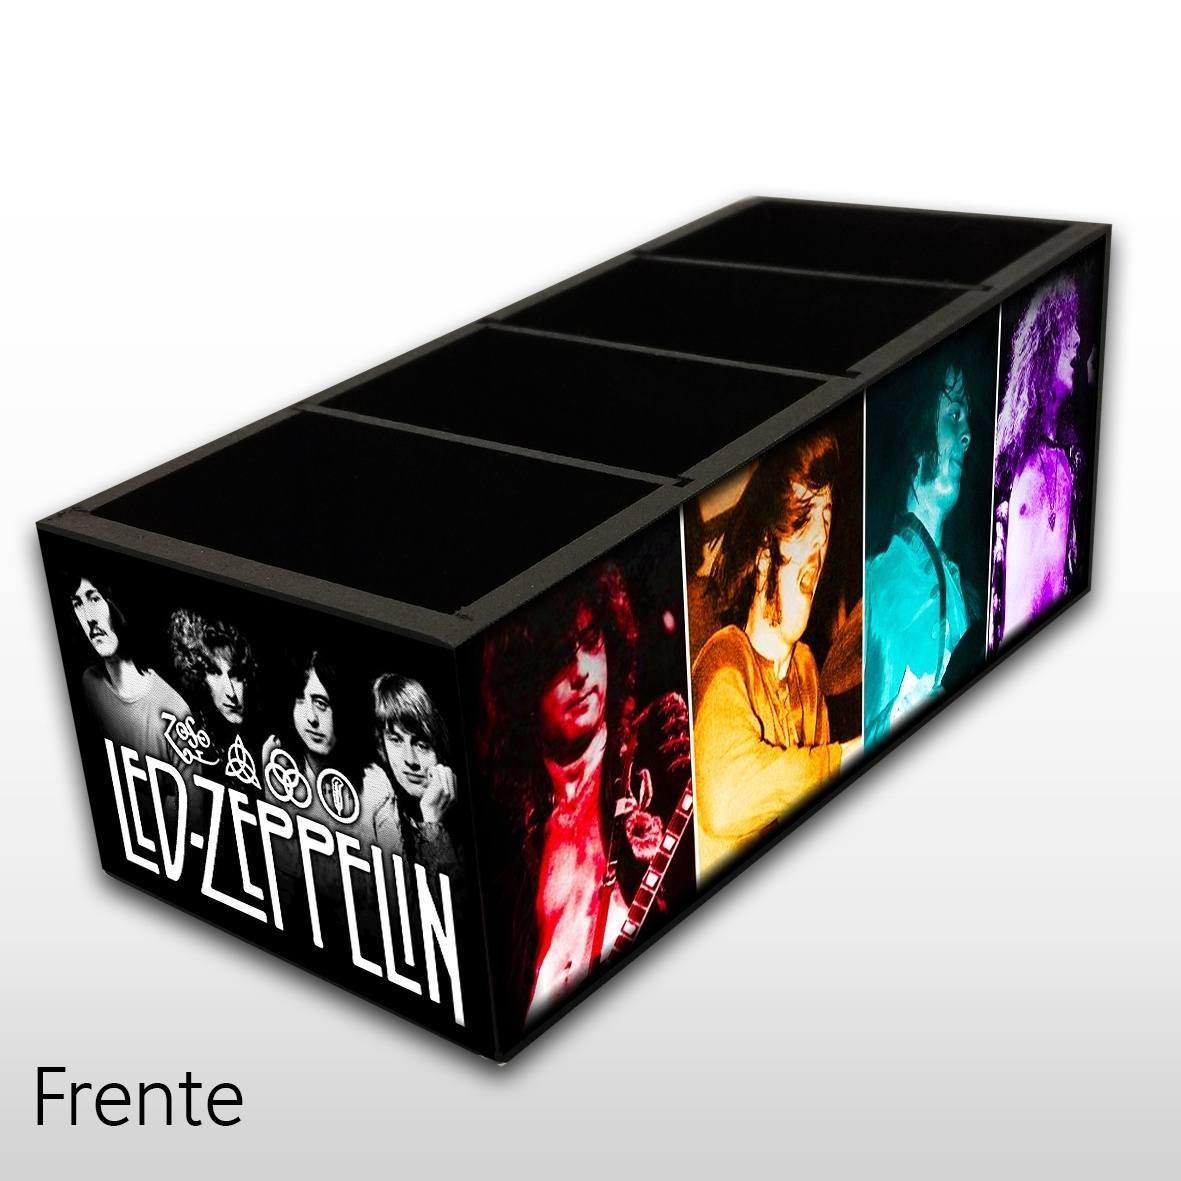 Led Zeppelin - Porta Controles em Madeira MDF - 4 Espaços - Mr. Rock